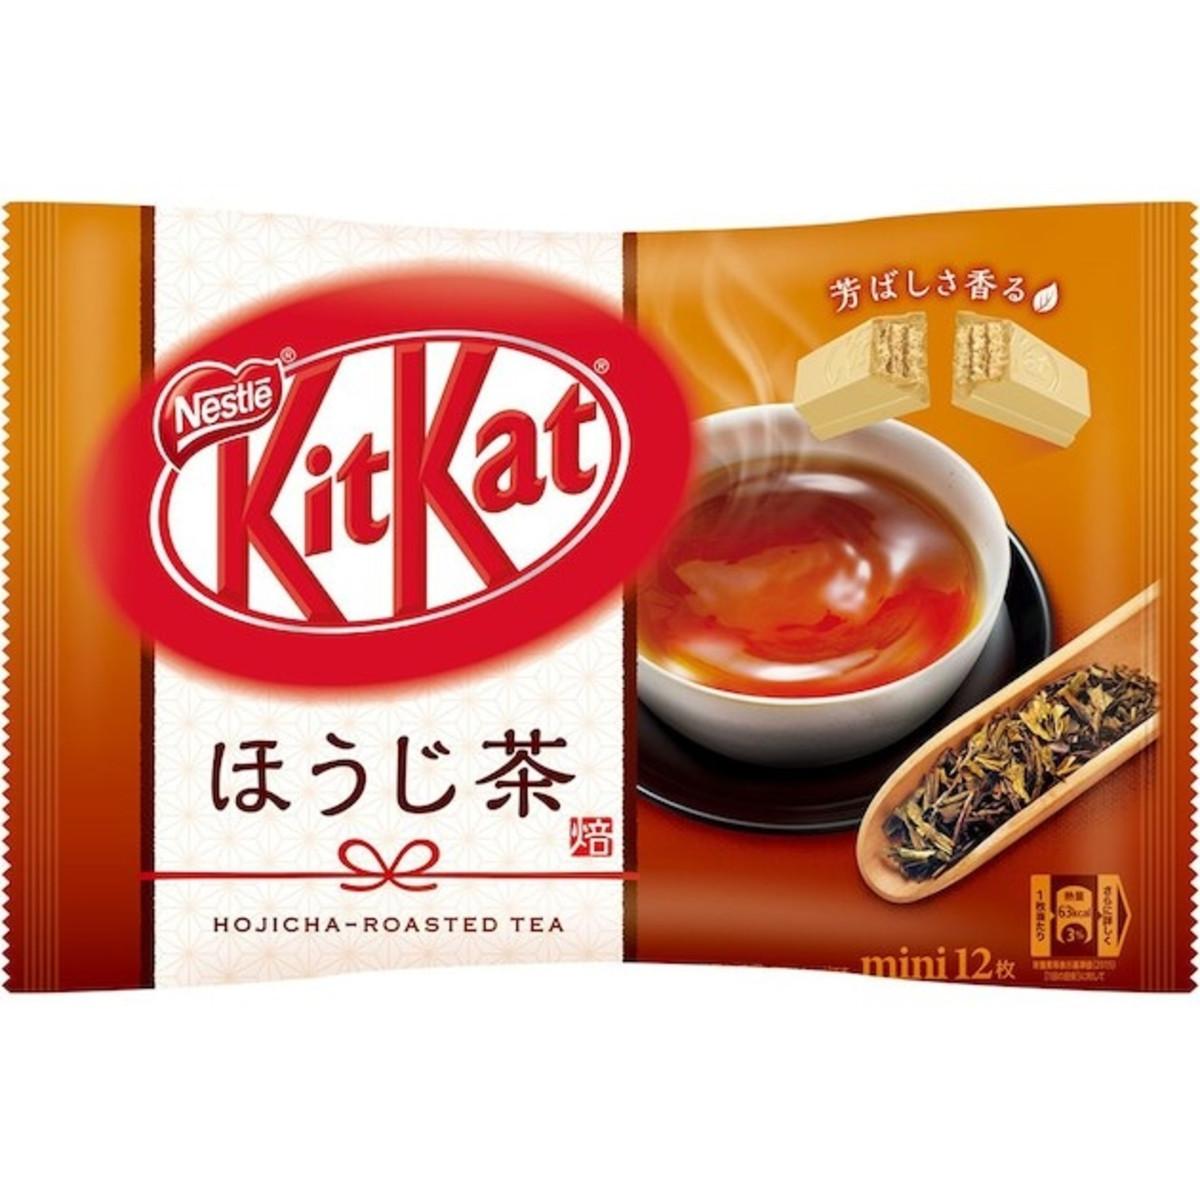 Kit Kat Чай Ходжи